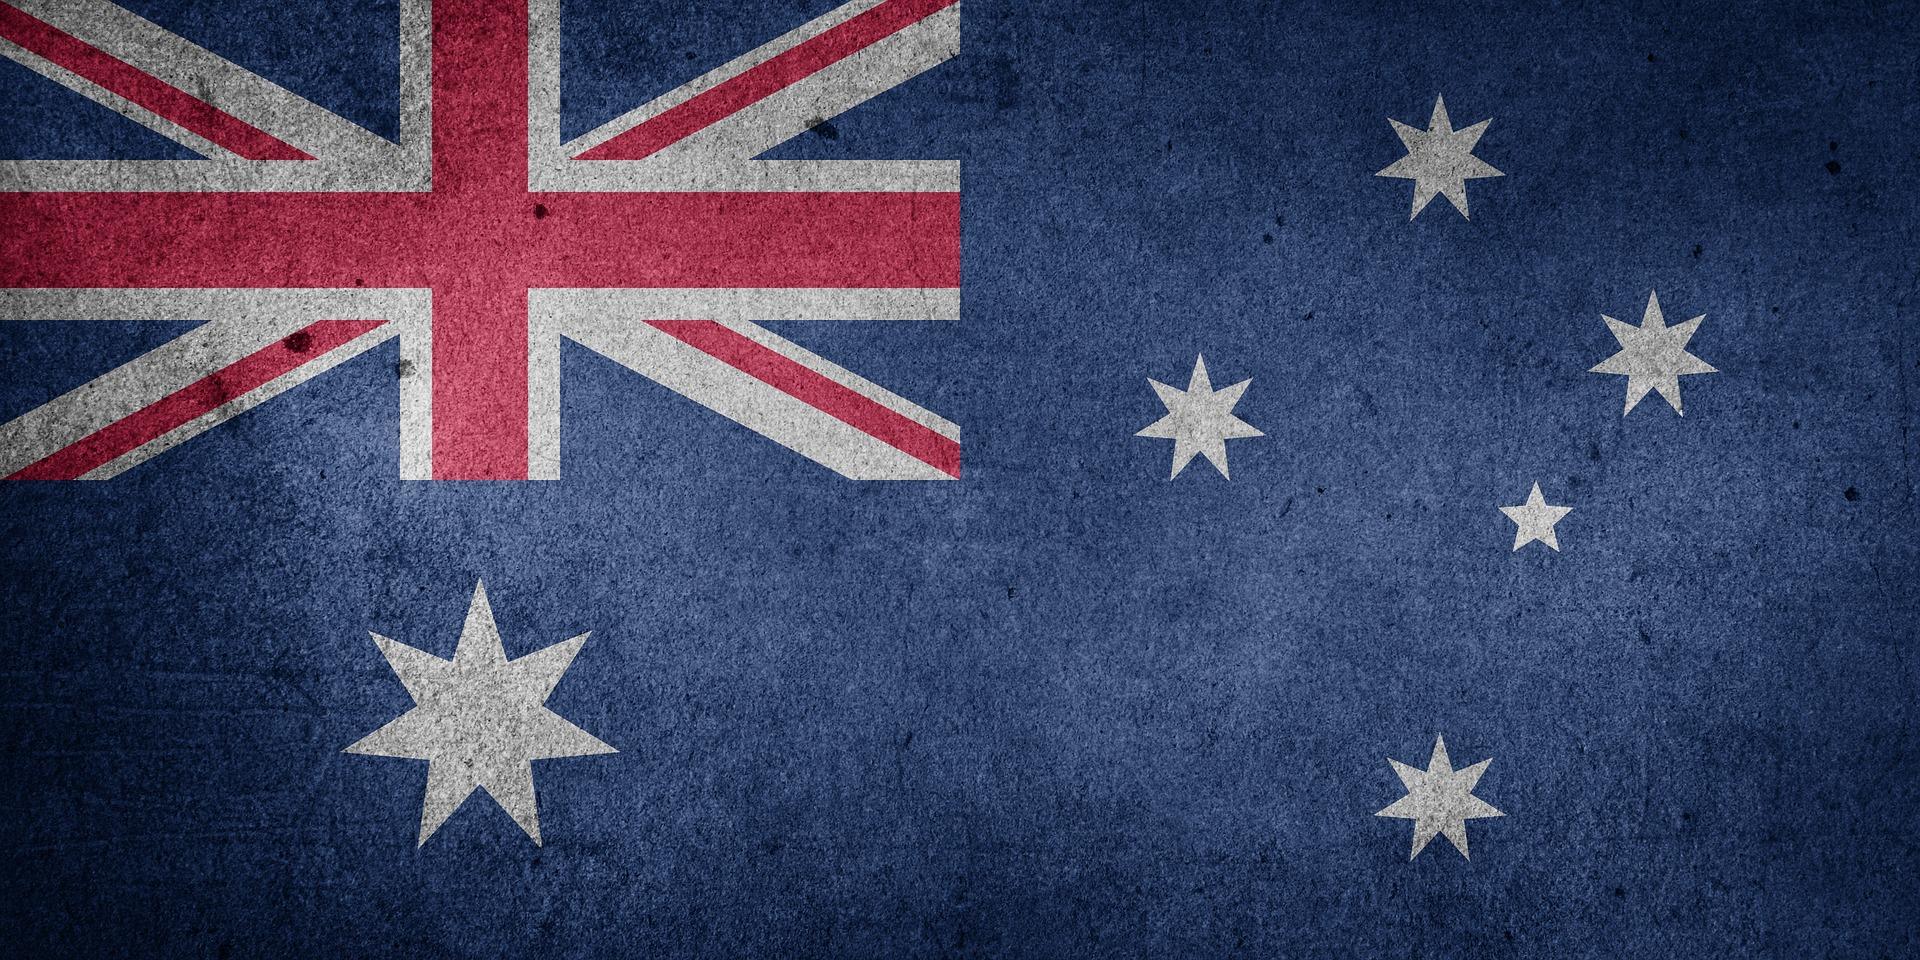 AUTORITA' PER LA PROTEZIONE DEI DATI DELL'AUSTRALIA: Revisione Indipendente Del Credit Reporting Code